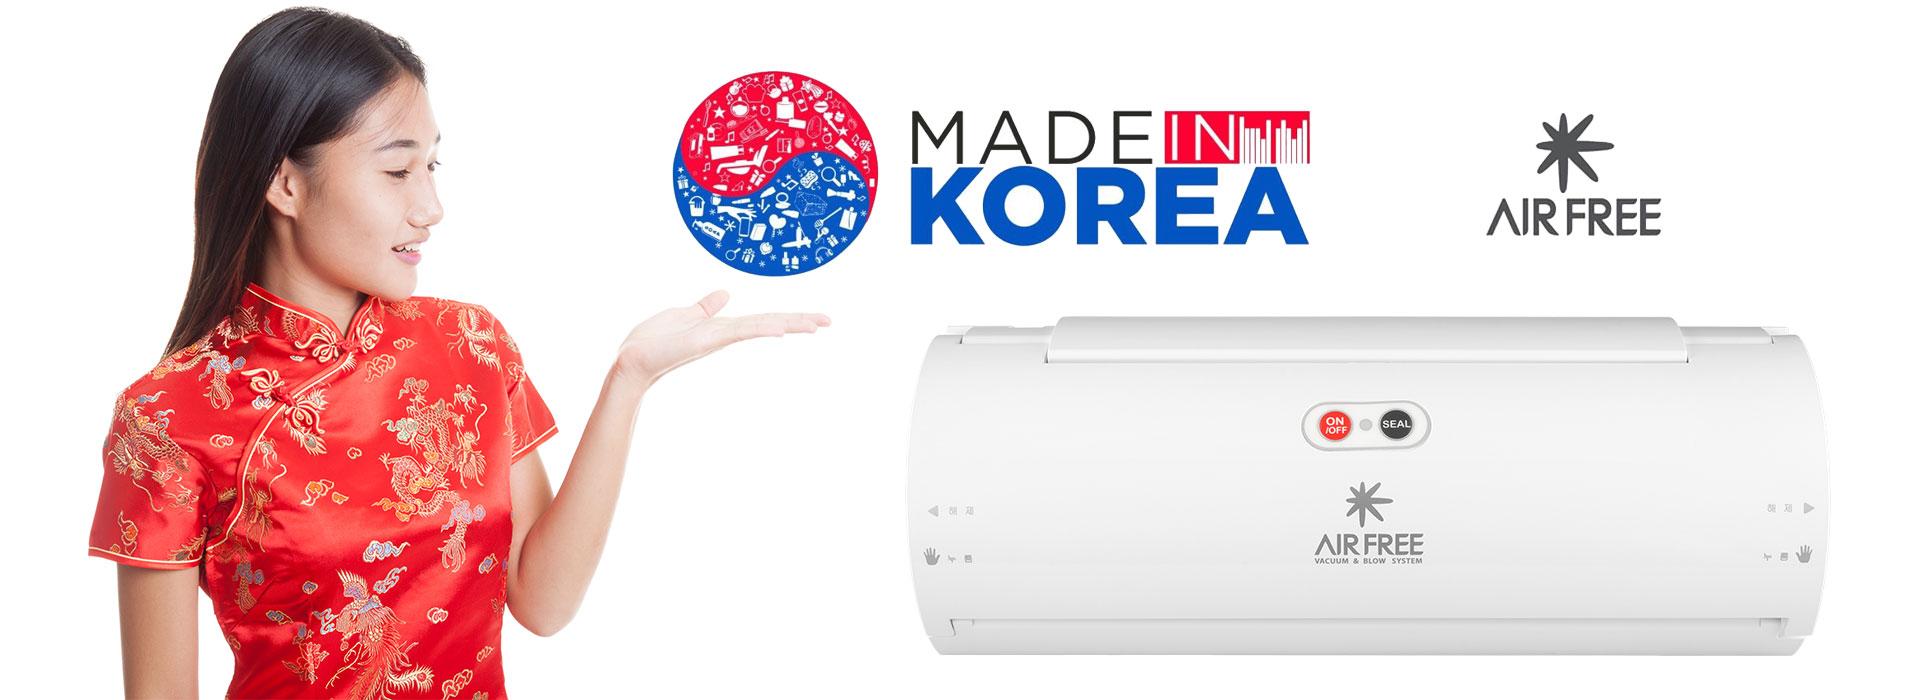 Вакуумный упаковщик AirFree Sealer сделан в Корее